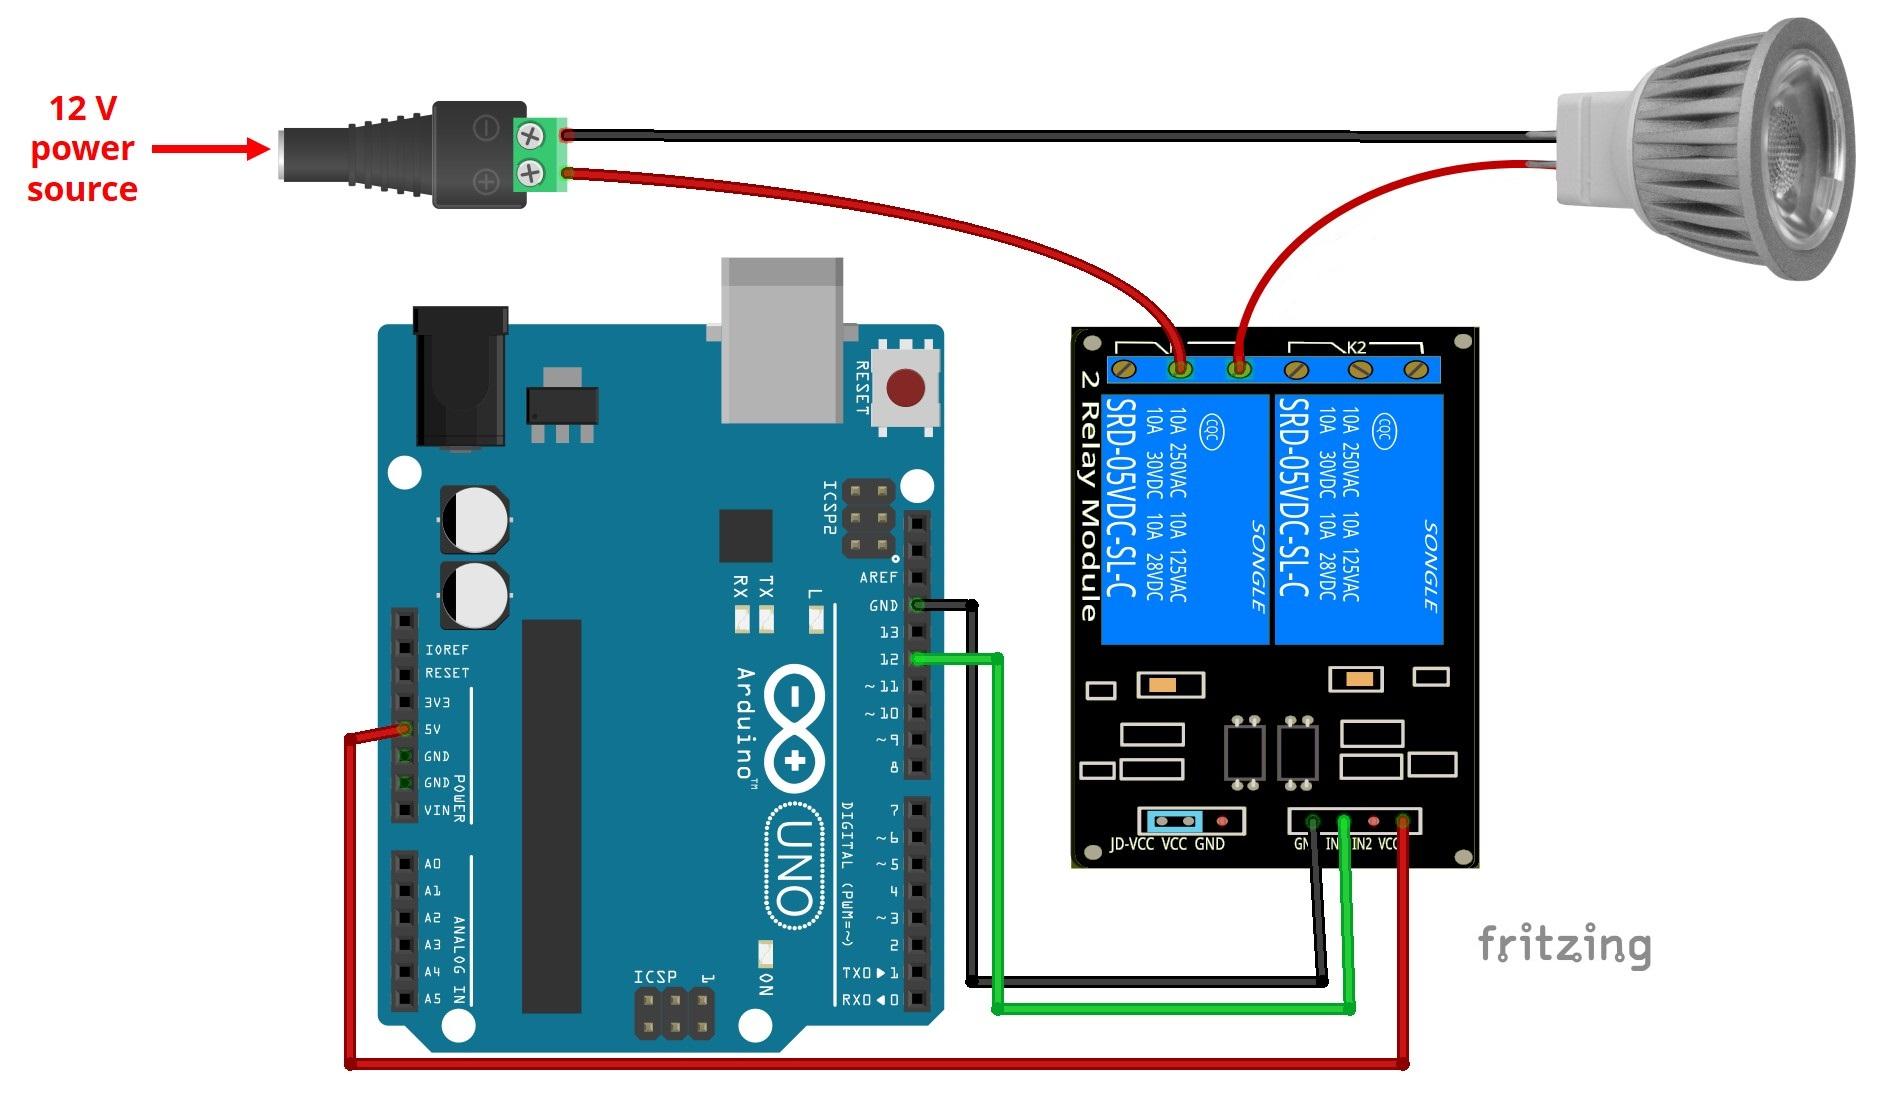 control 12v lamp via sms with arduino